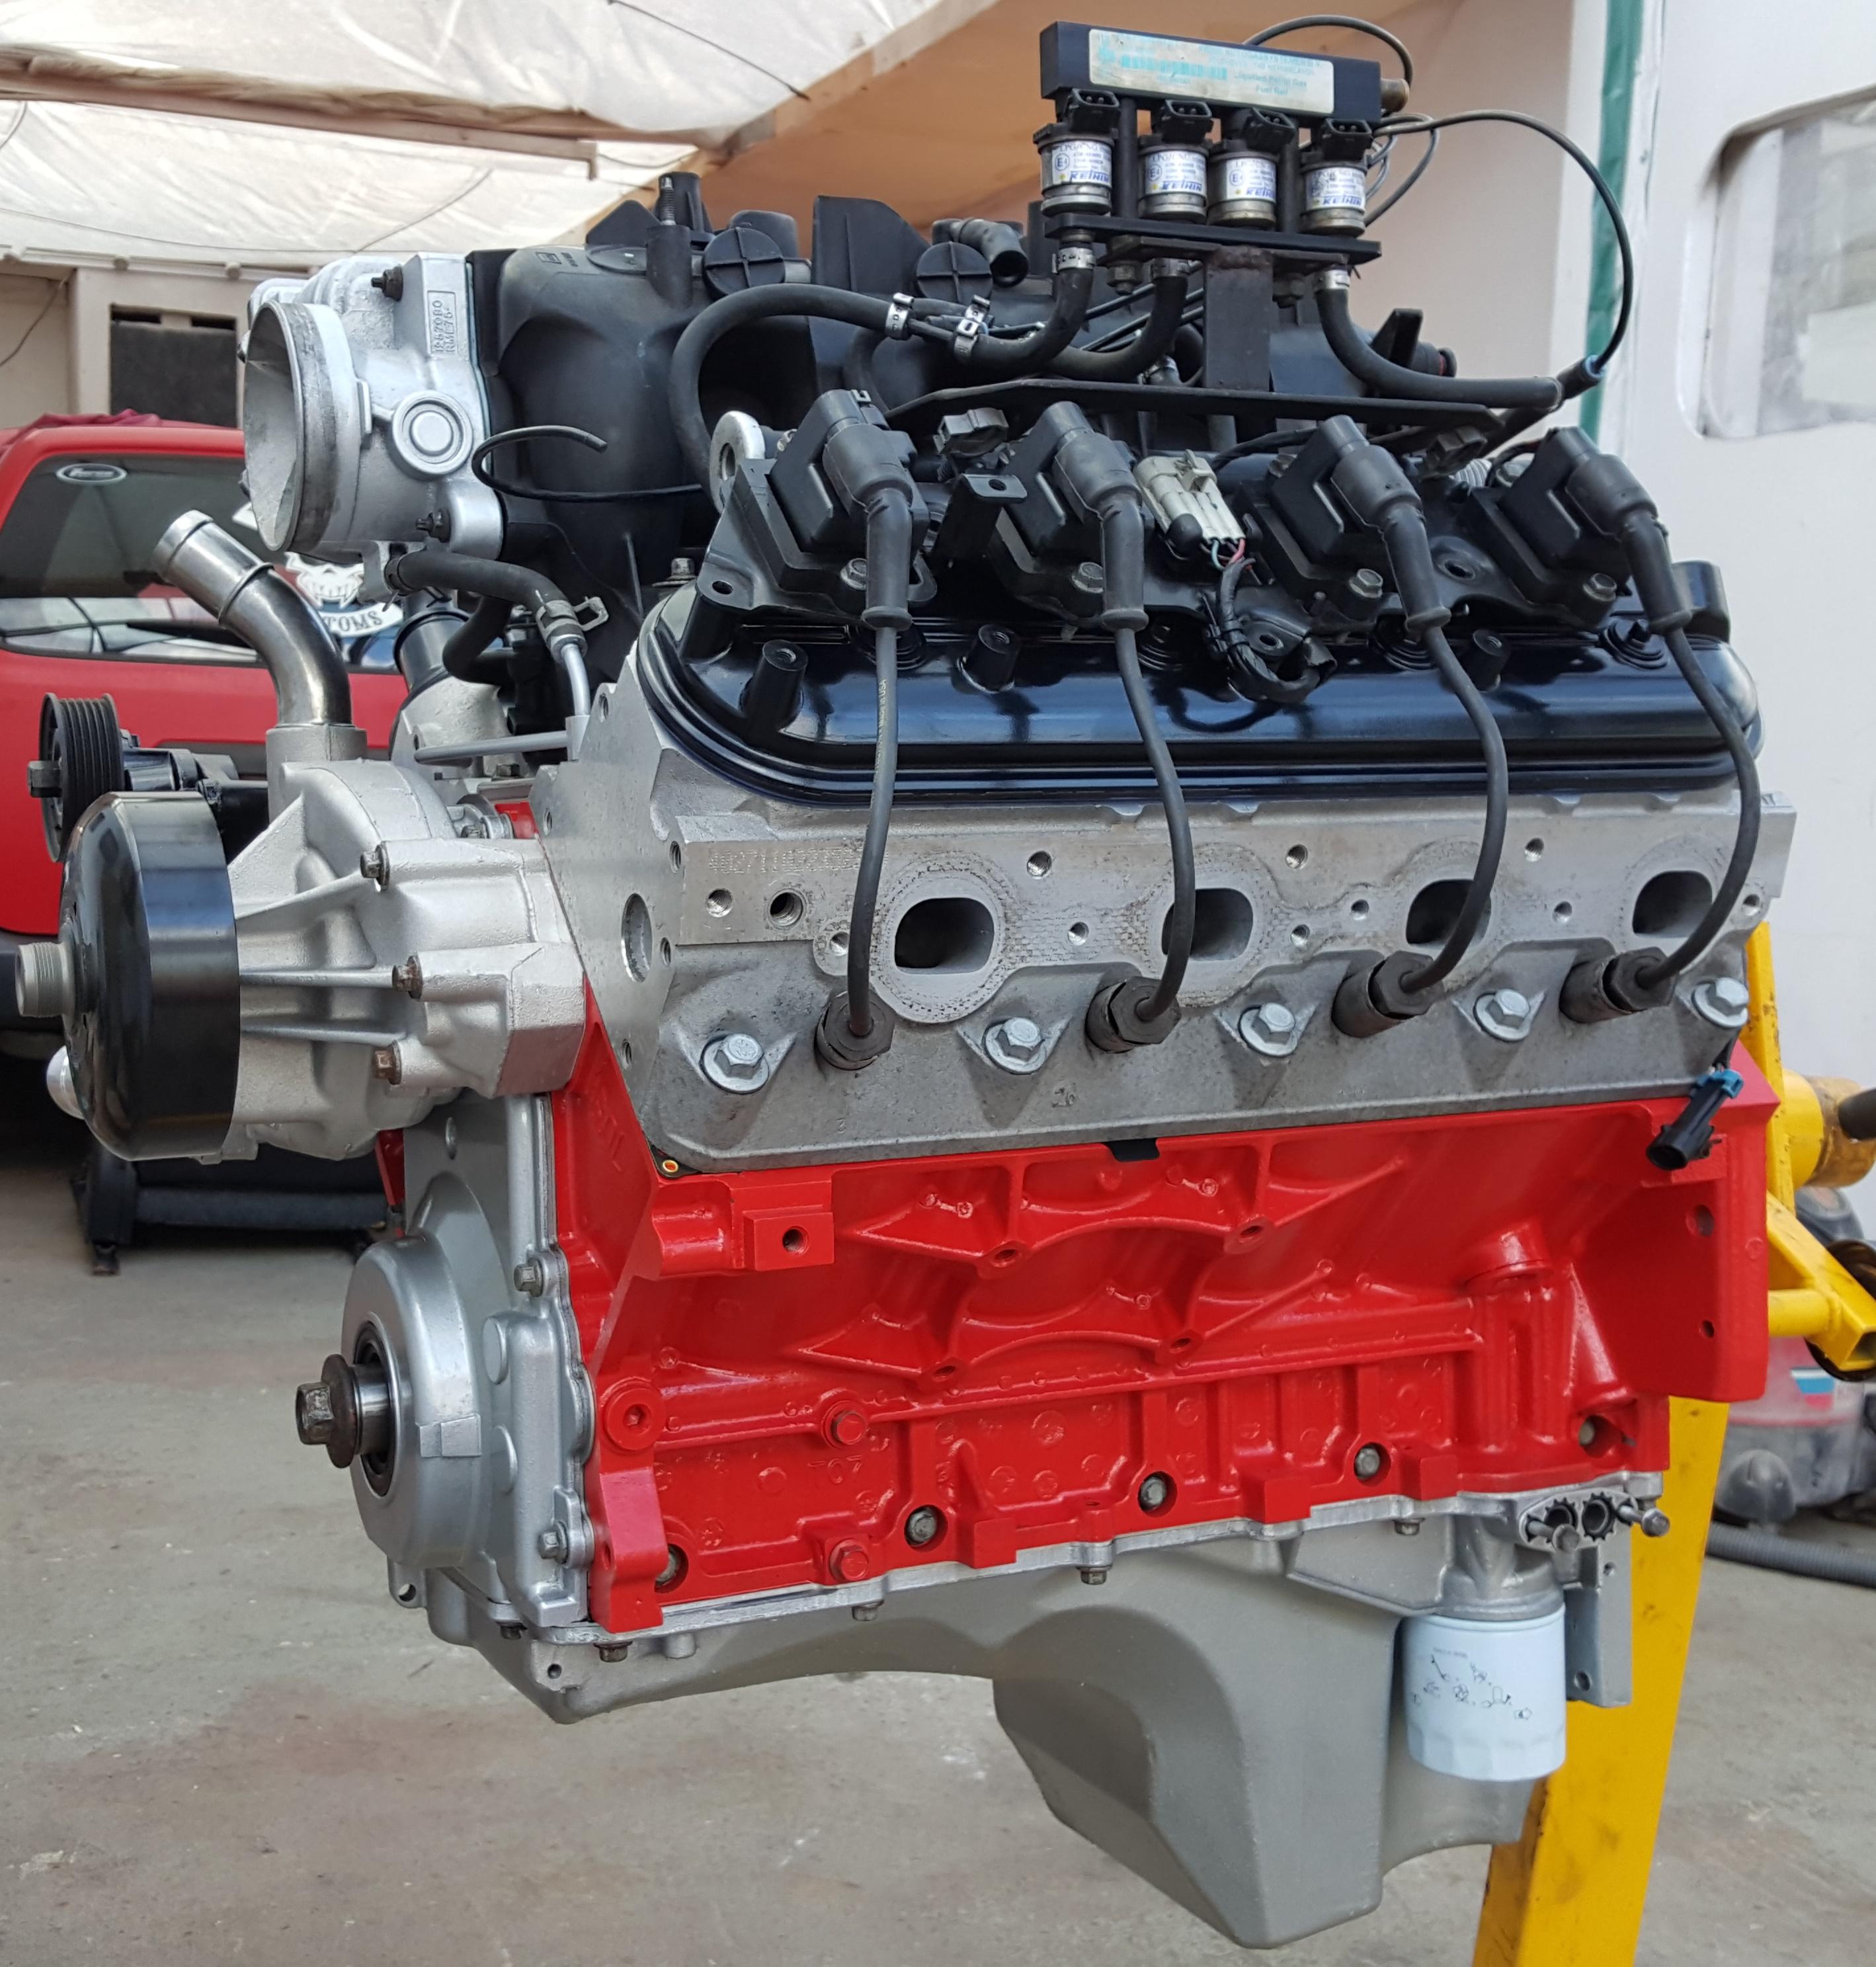 LS Series 6.0 Truck LQ4